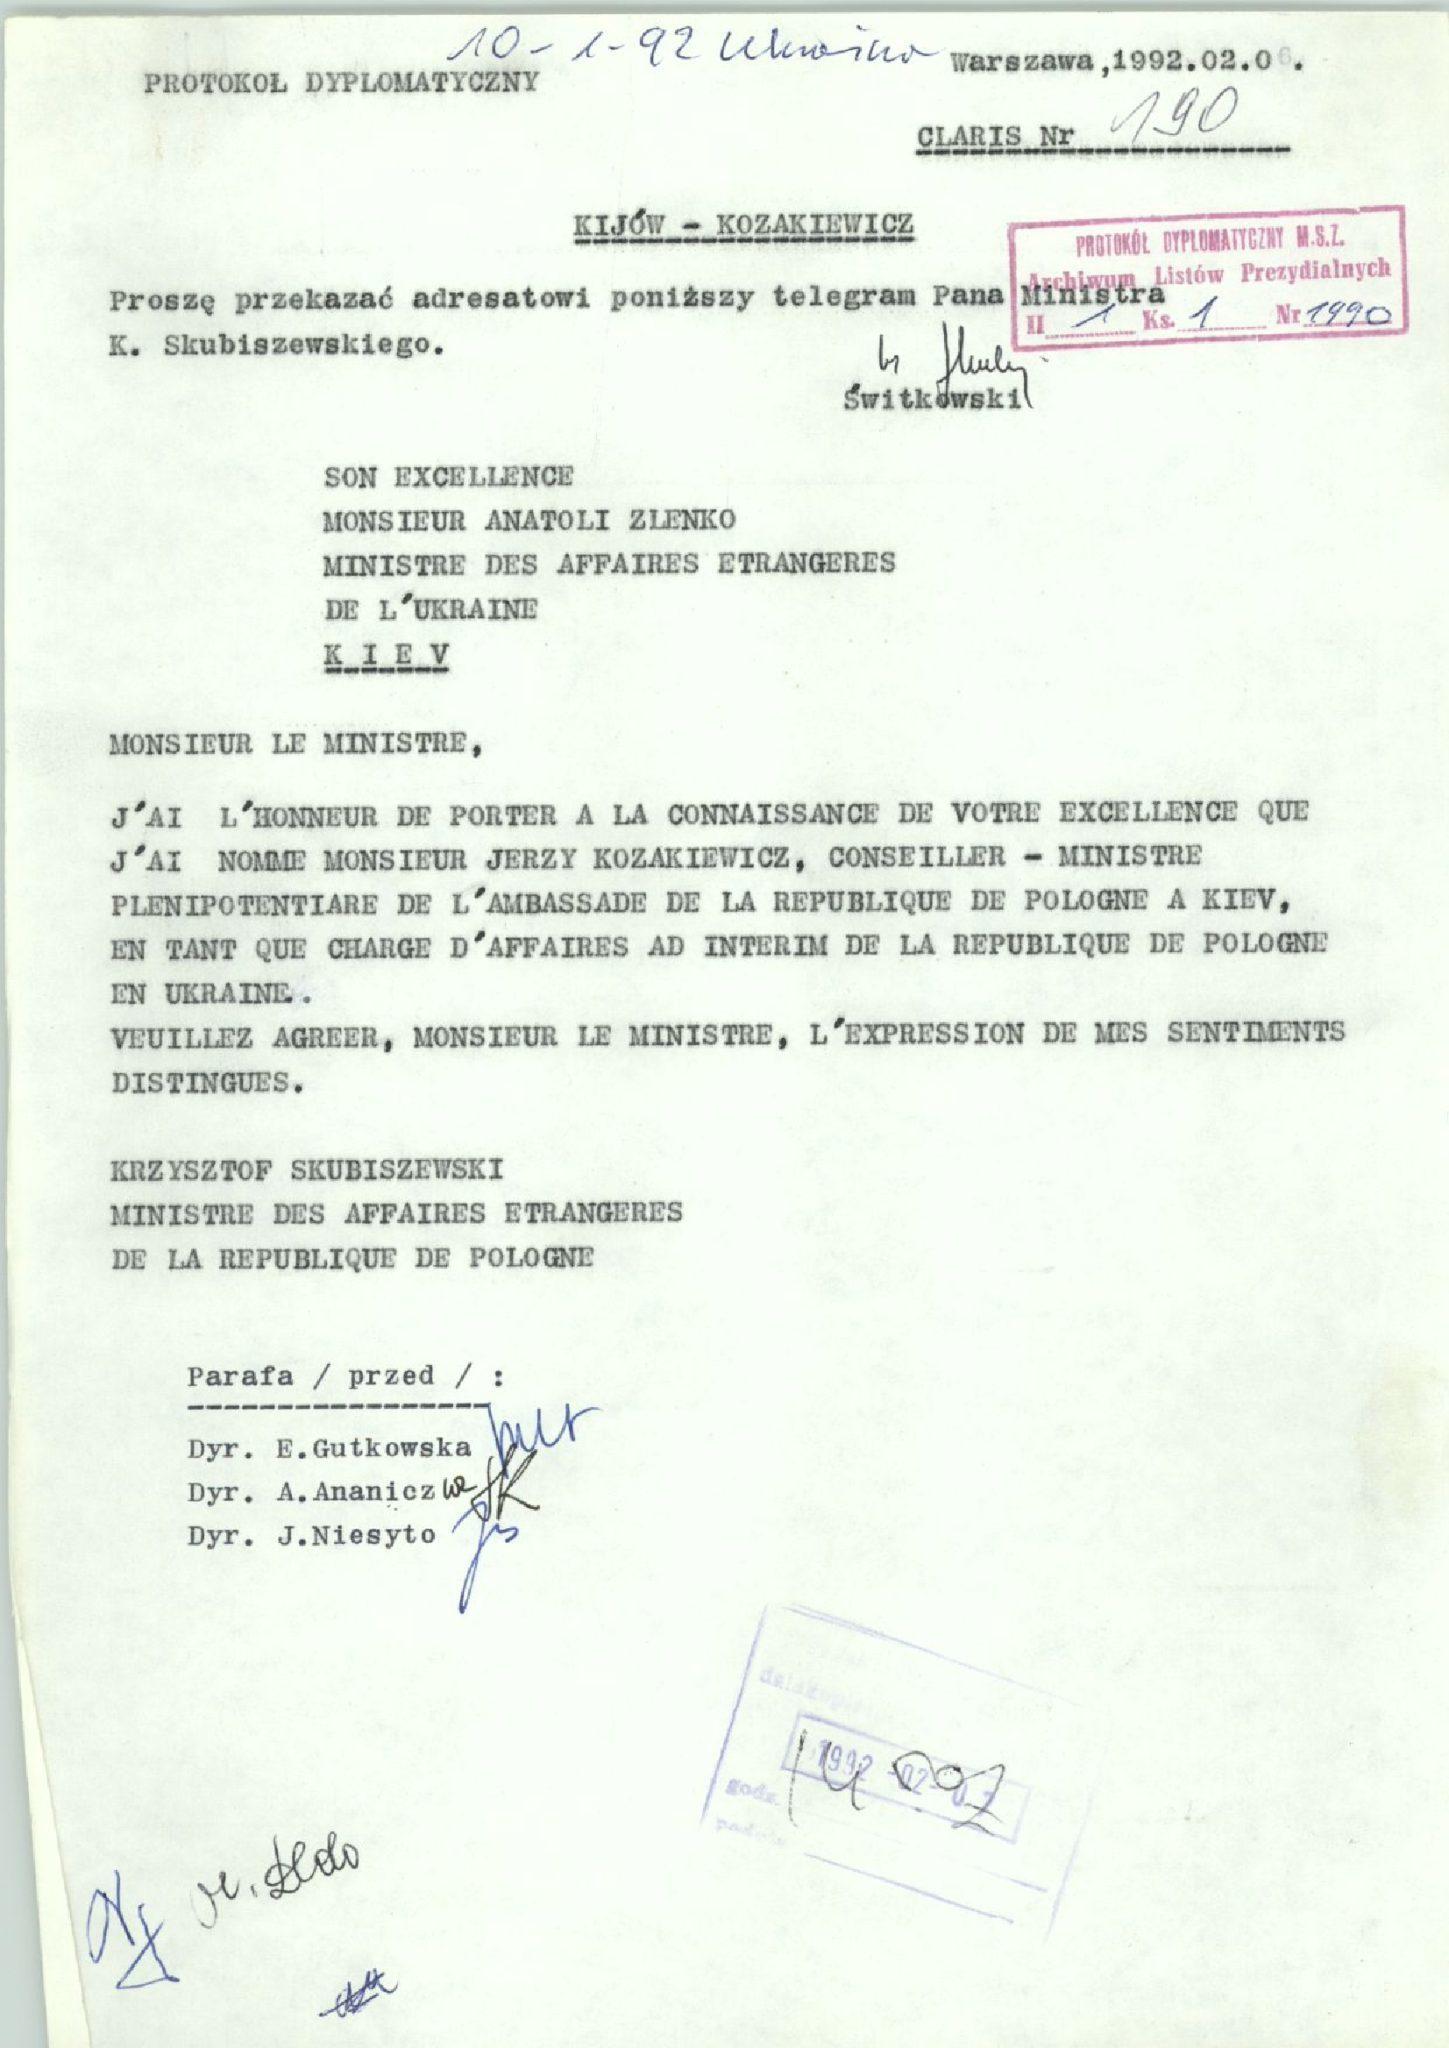 Телеграма міністра Кшиштофа Скубішевського до міністра Анатолія Зленка з інформацією про призначення Єжи Козакевича chargé d'affaires ad interim, 6 лютого 1992